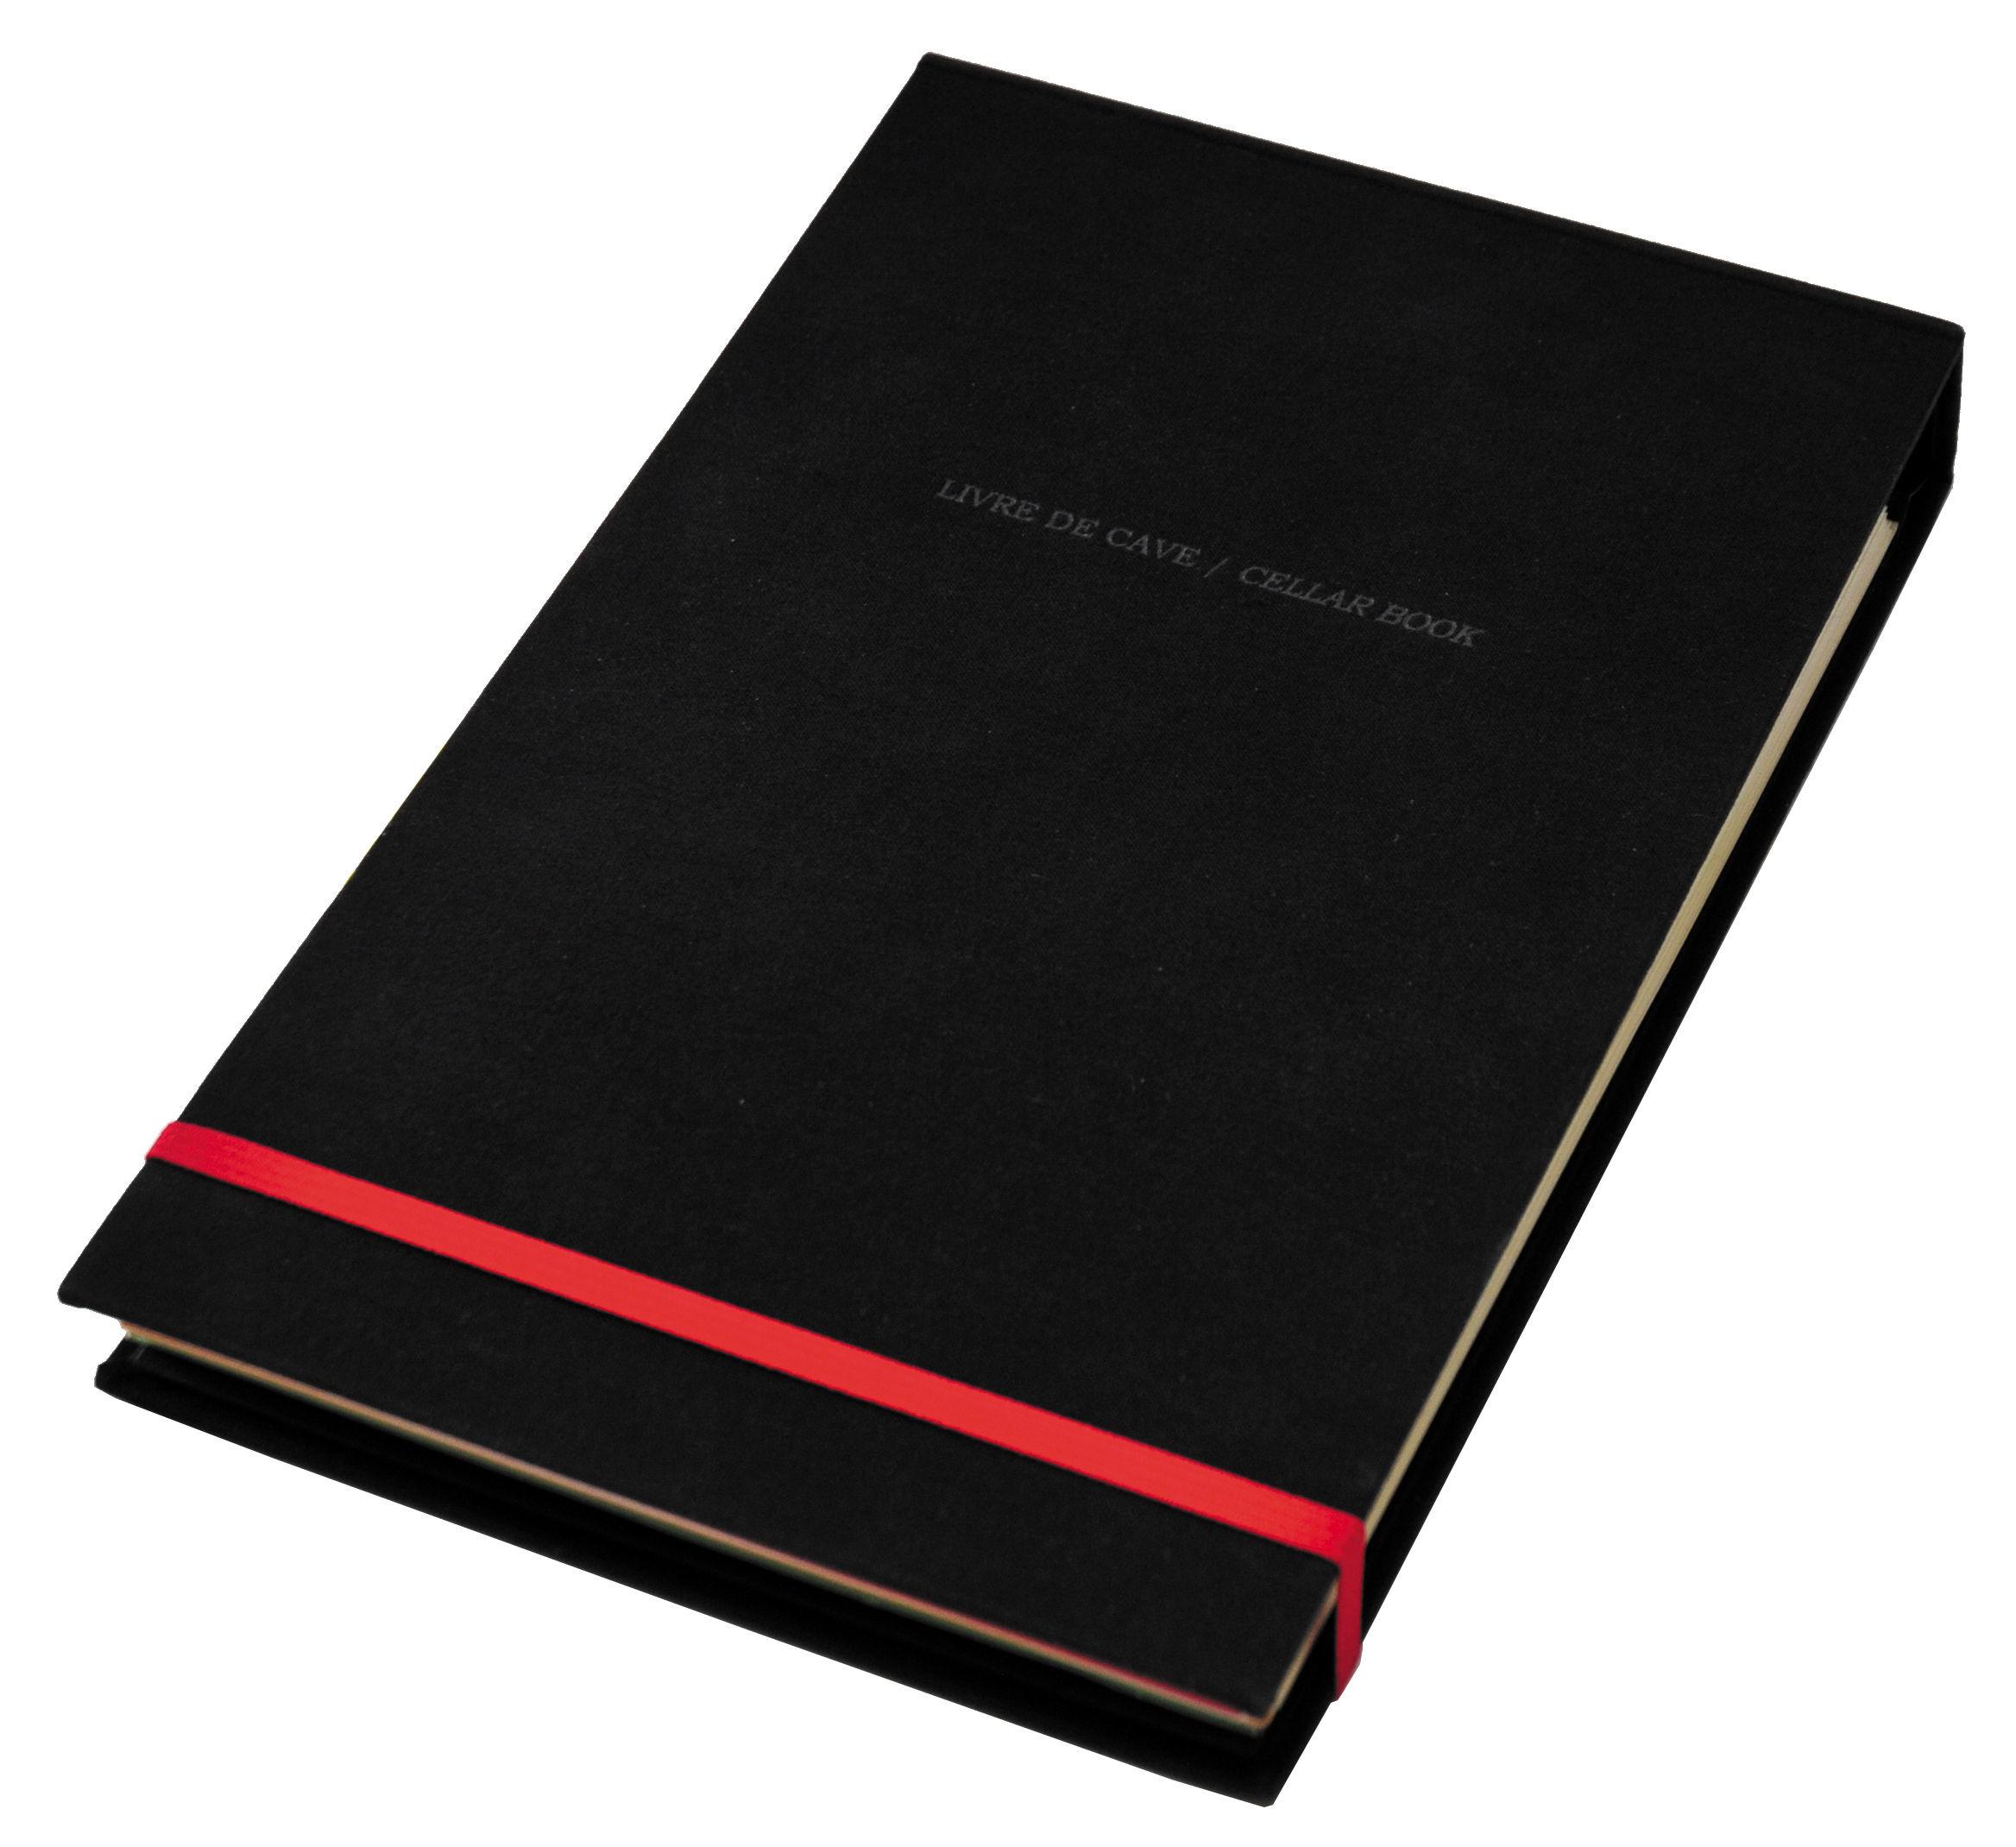 Accessori moda - Libri e Dvd - Blocchetto Livre de Cave - / Metodo di degustazione di L'Atelier du Vin - Nero / Elastico rosso - Carta, Cartone